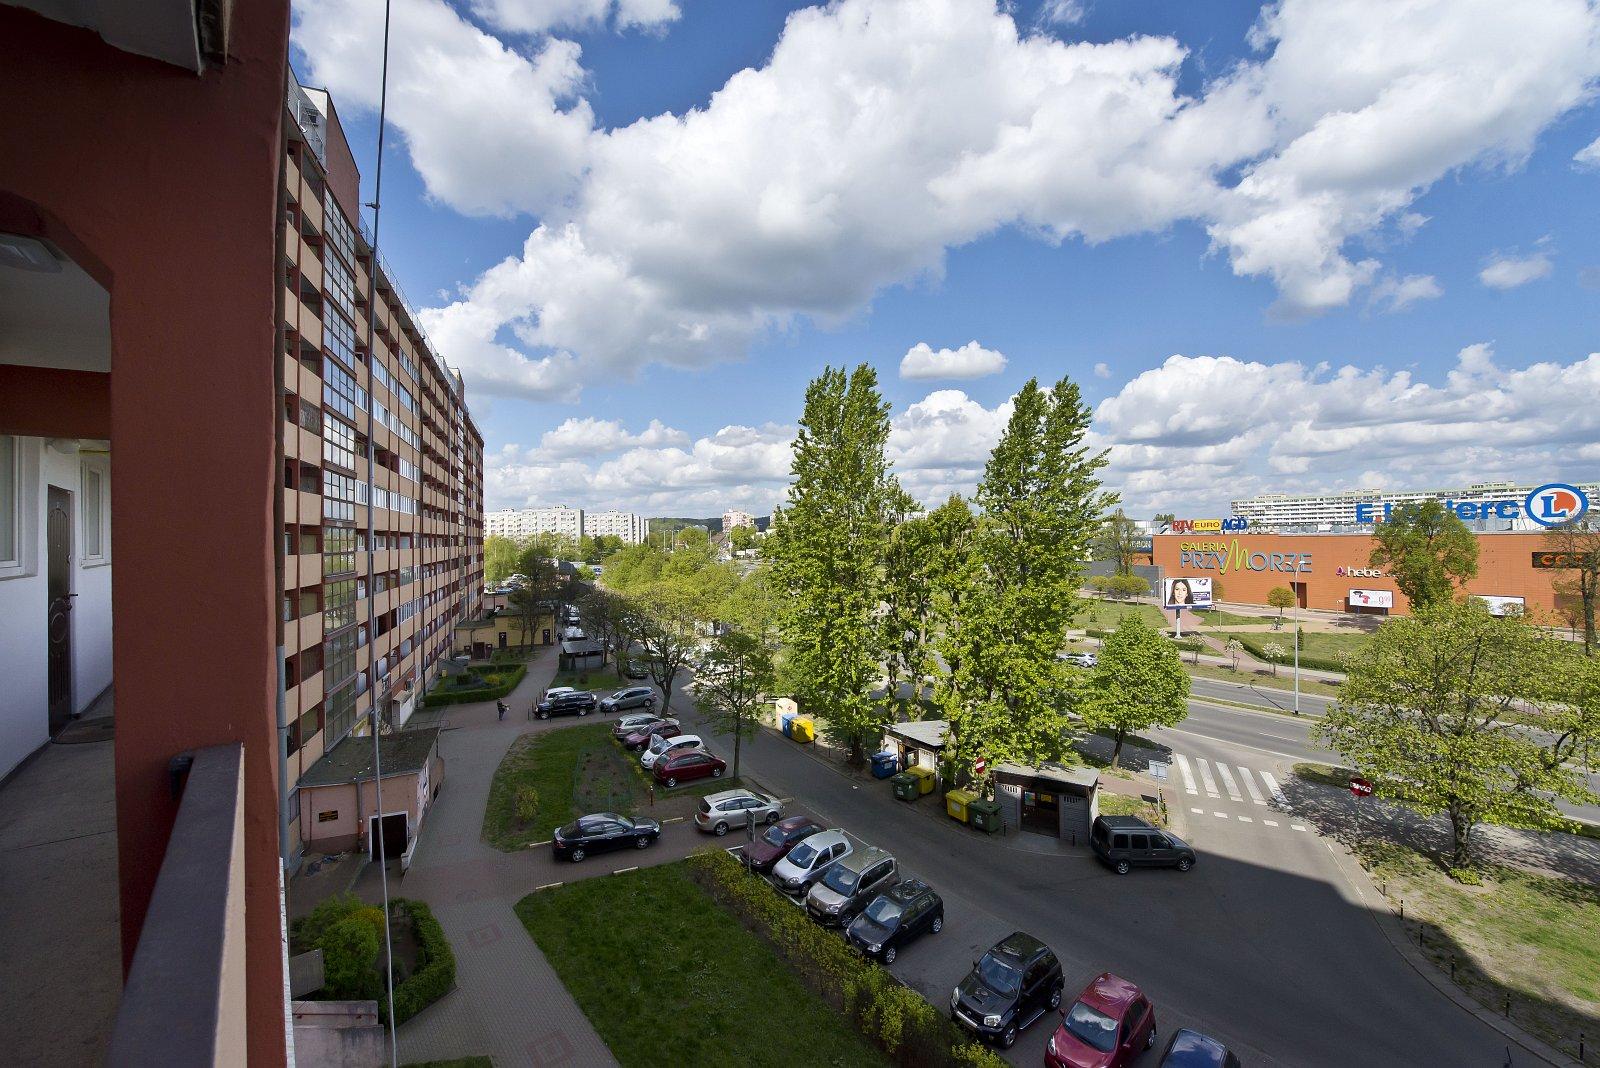 mieszkanie-wynajem-gdansk-ow4-05-03web